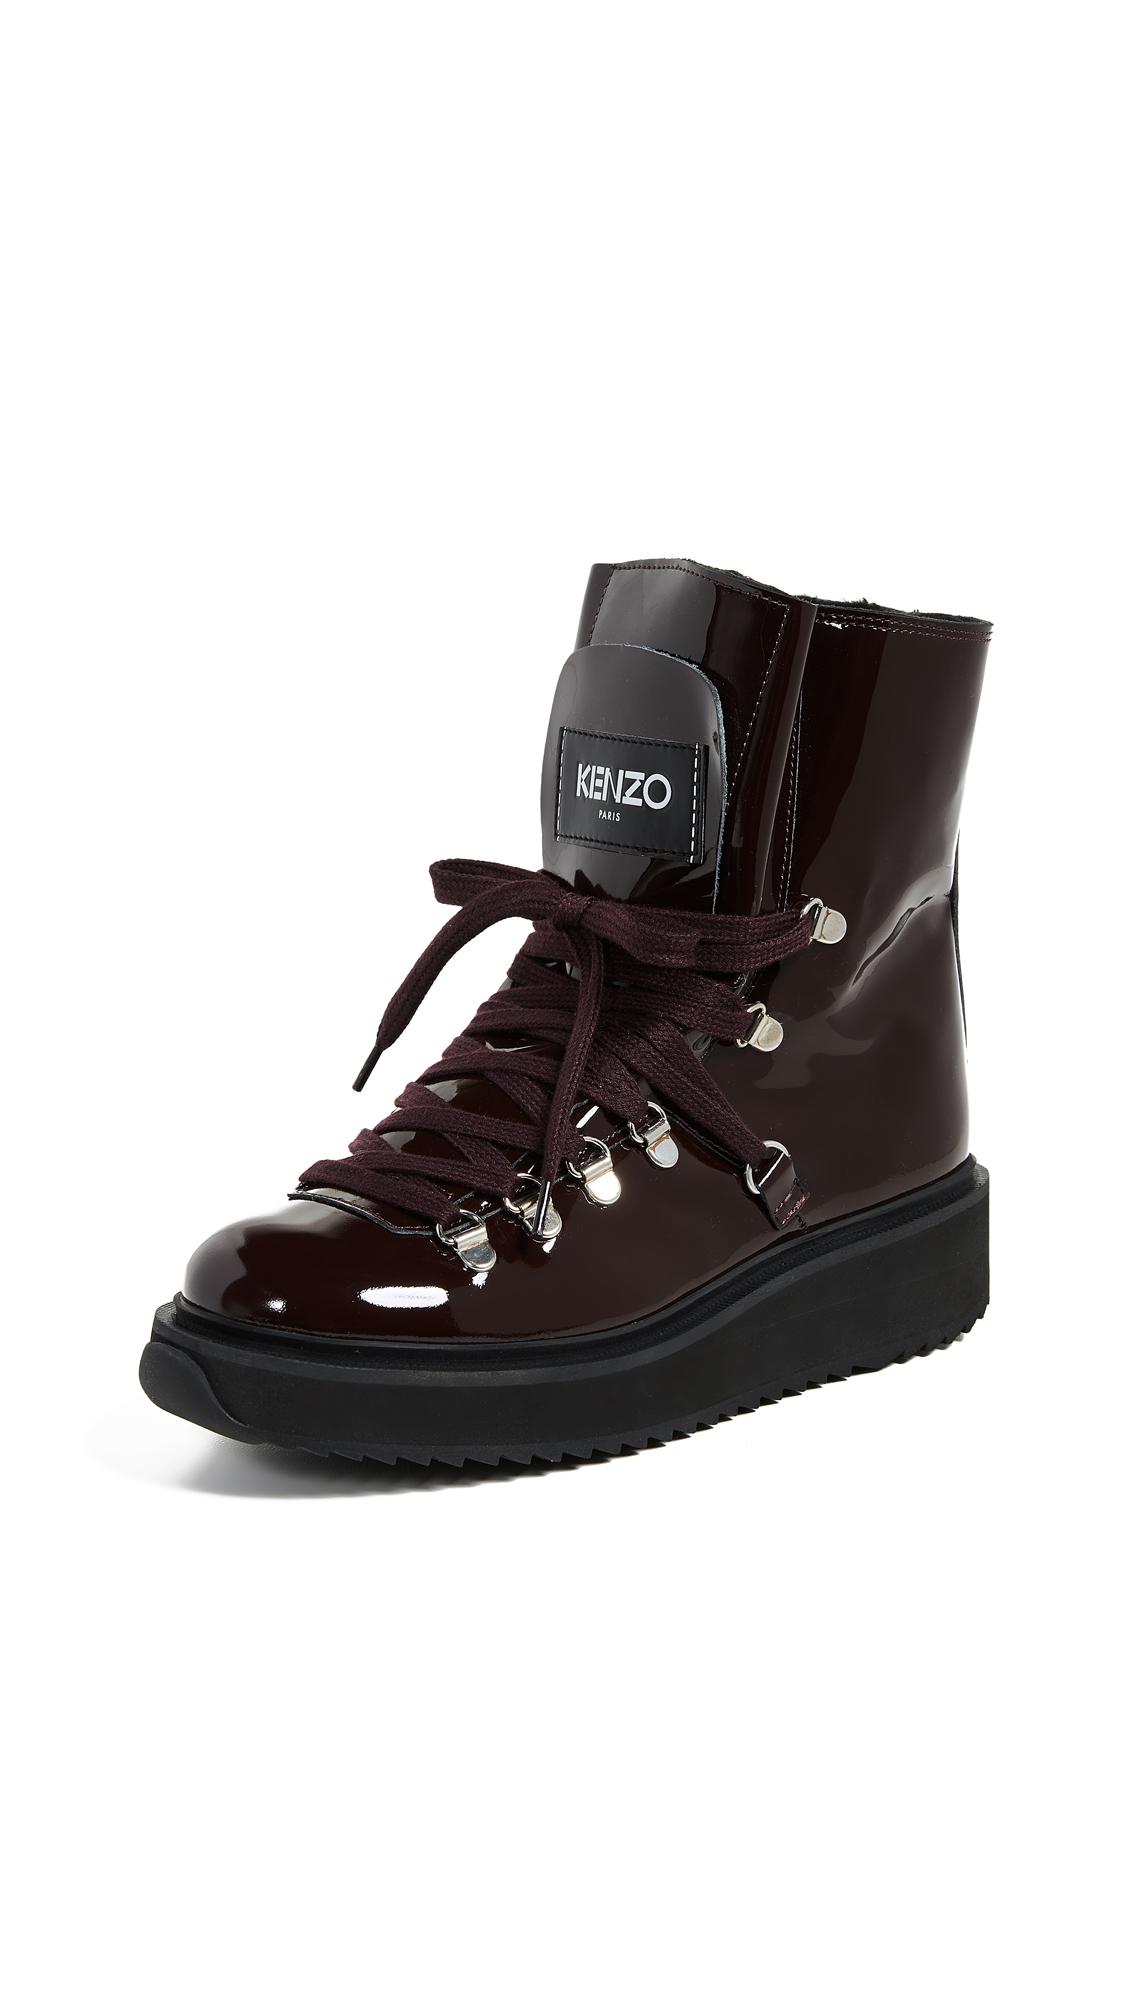 KENZO Alaska Boots - Bordeaux